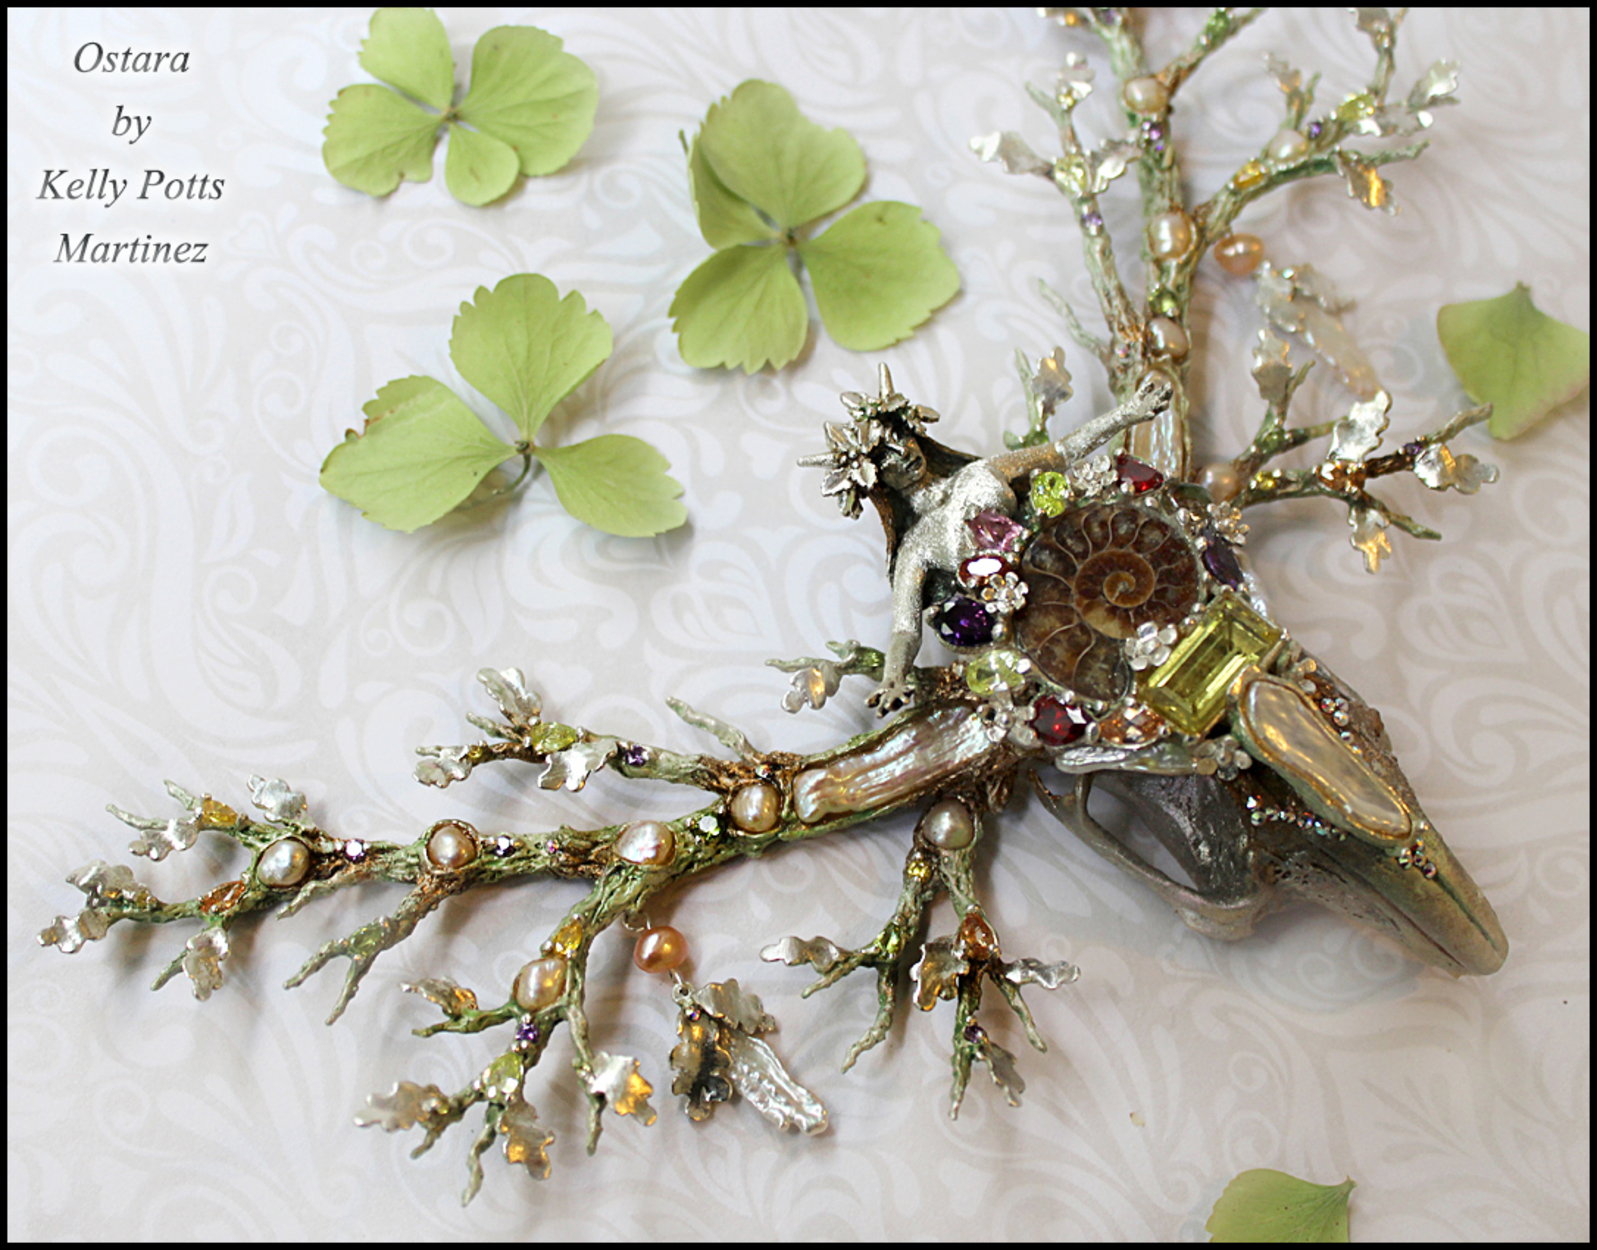 The Goddess Ostara Artwork by Kelly Potts Martinez